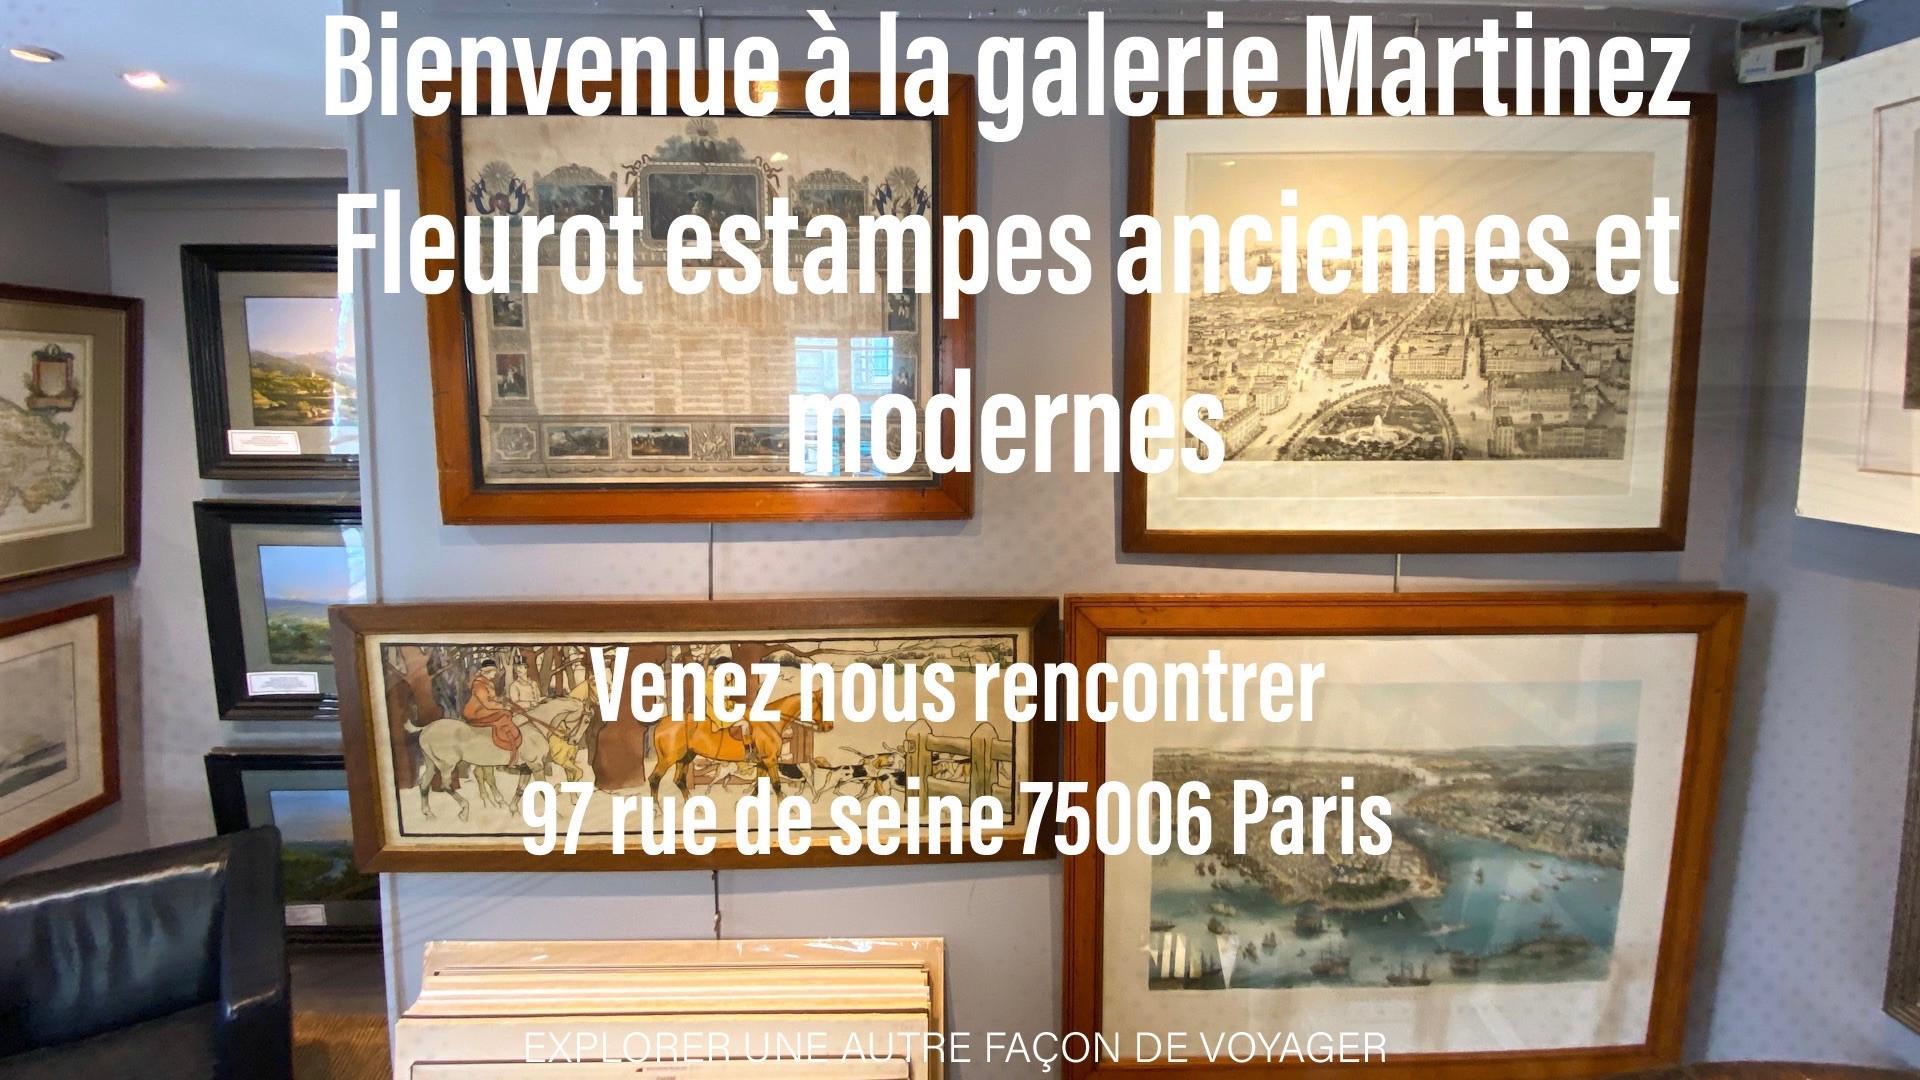 Venez nous rencontrer à la galerie Martinez Fleurot